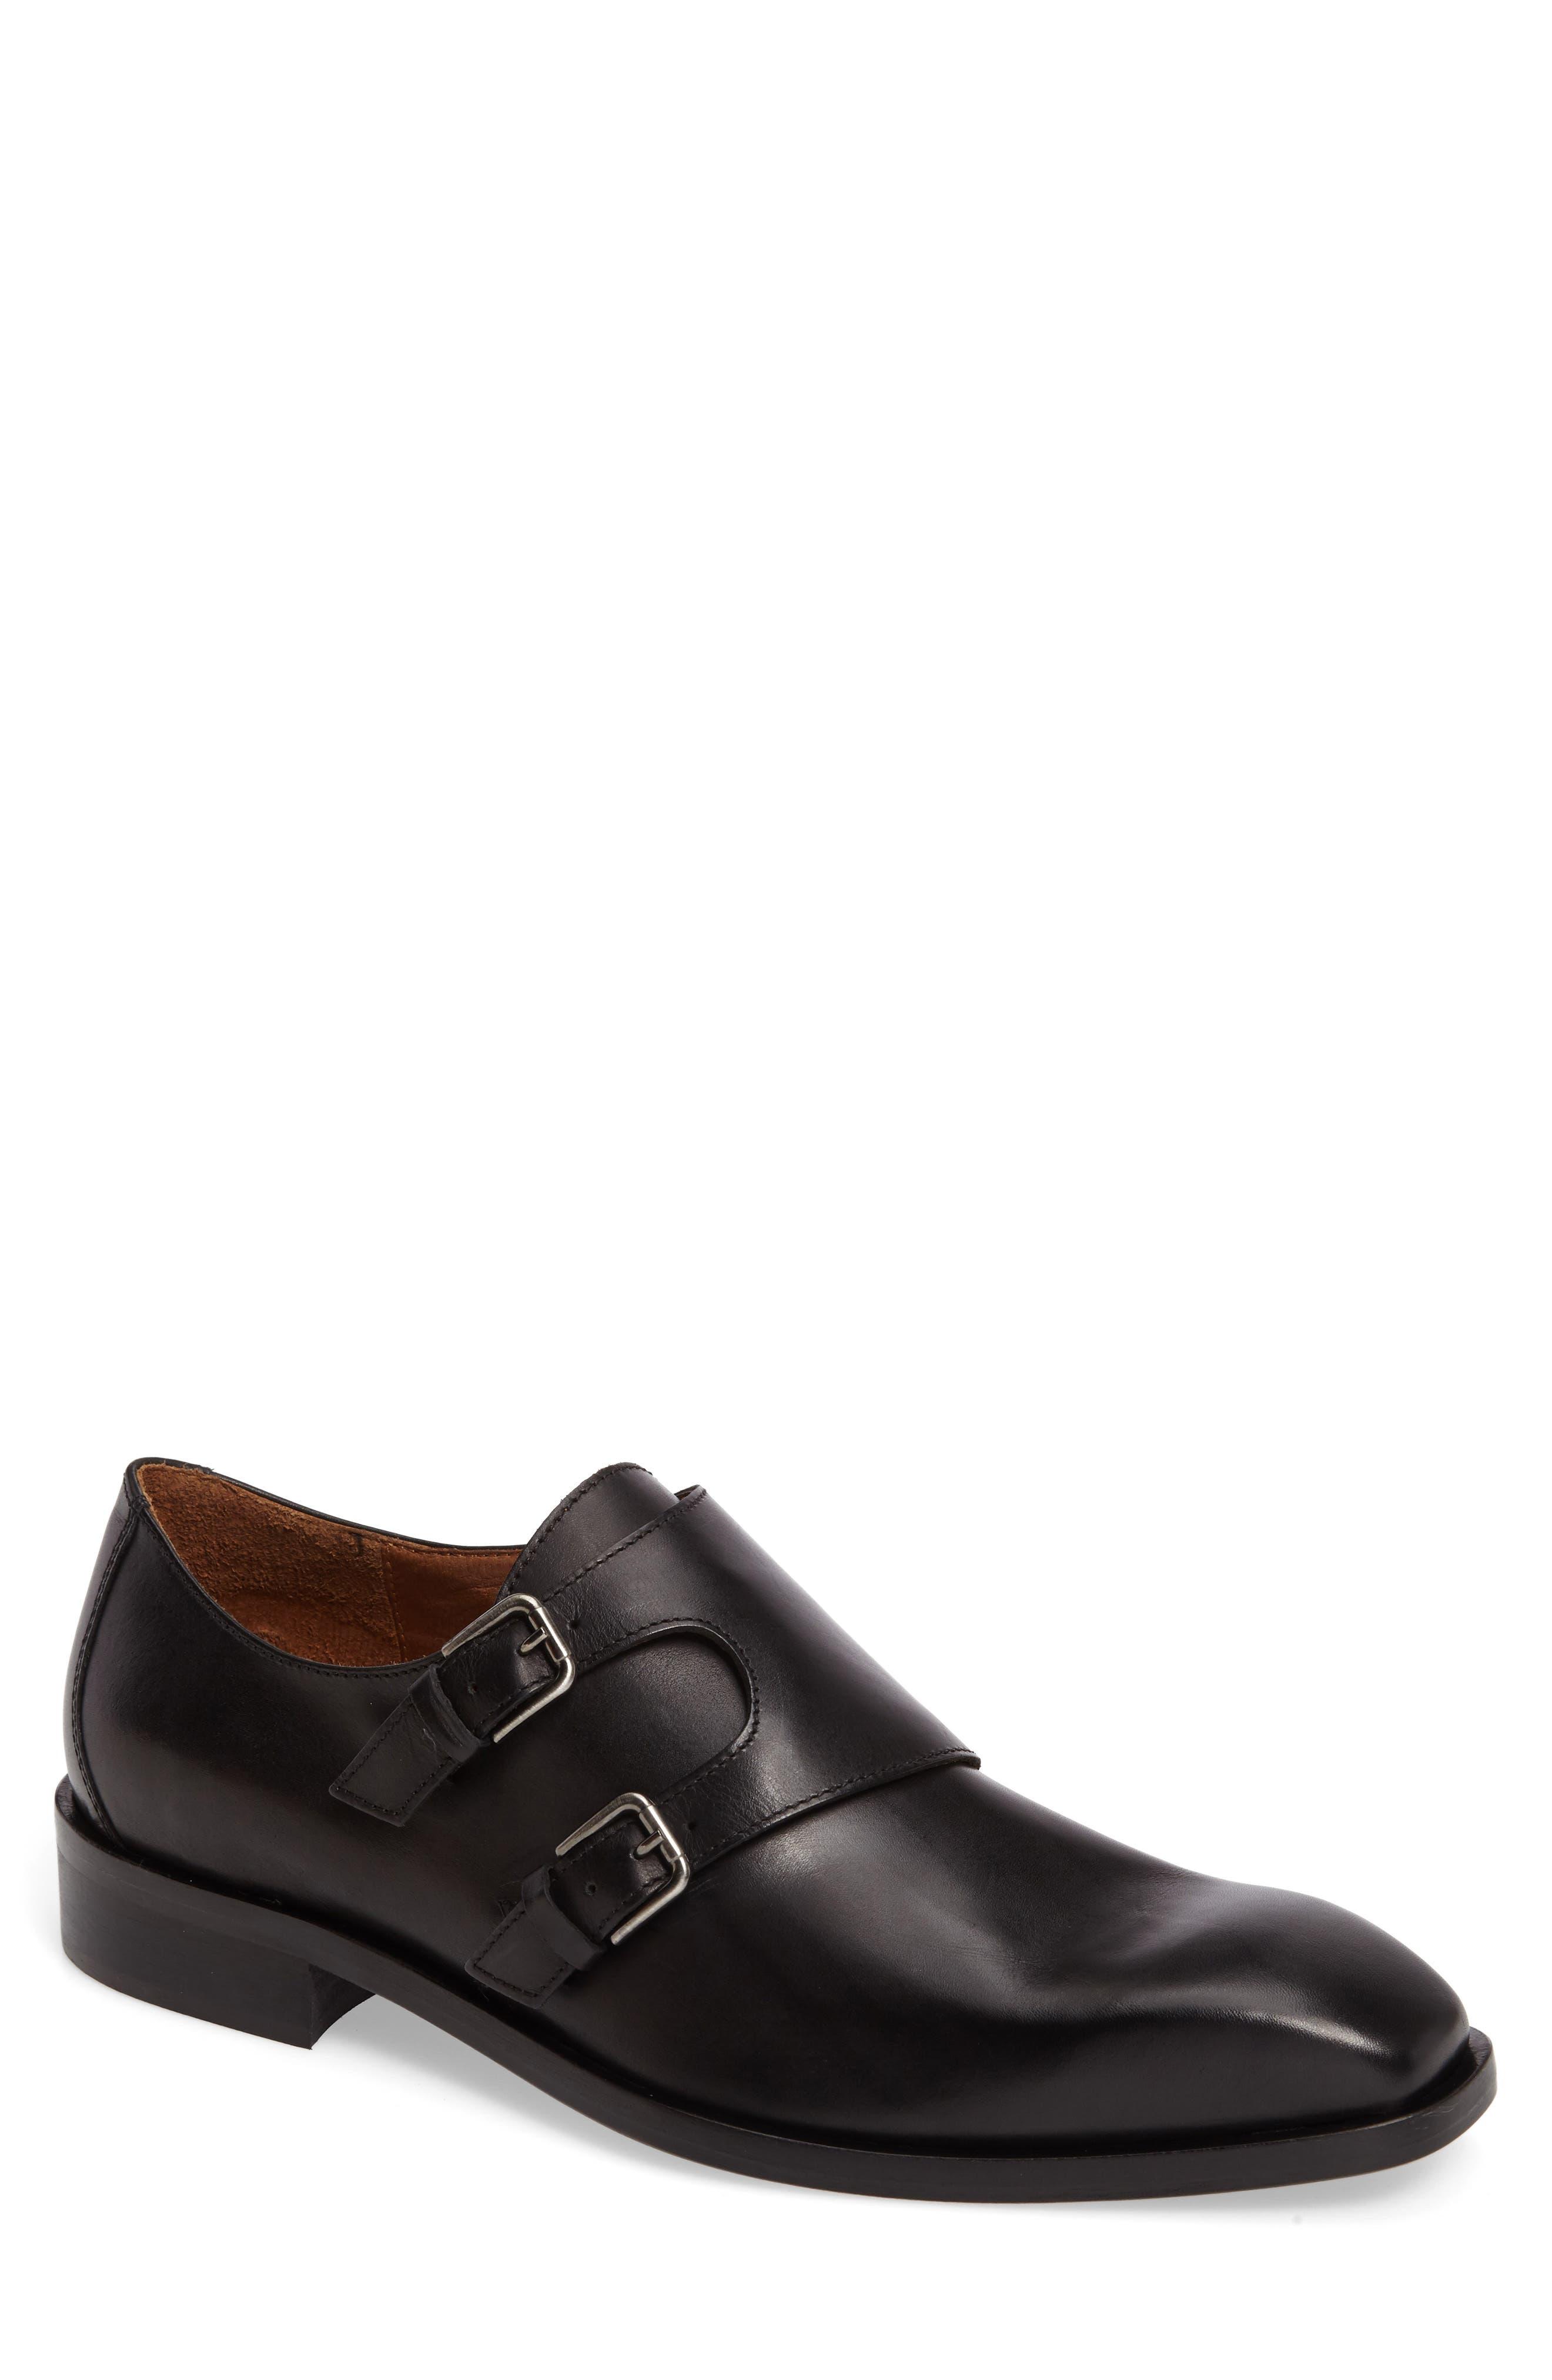 Vivaldo Venetian Loafer,                         Main,                         color, Black Leather